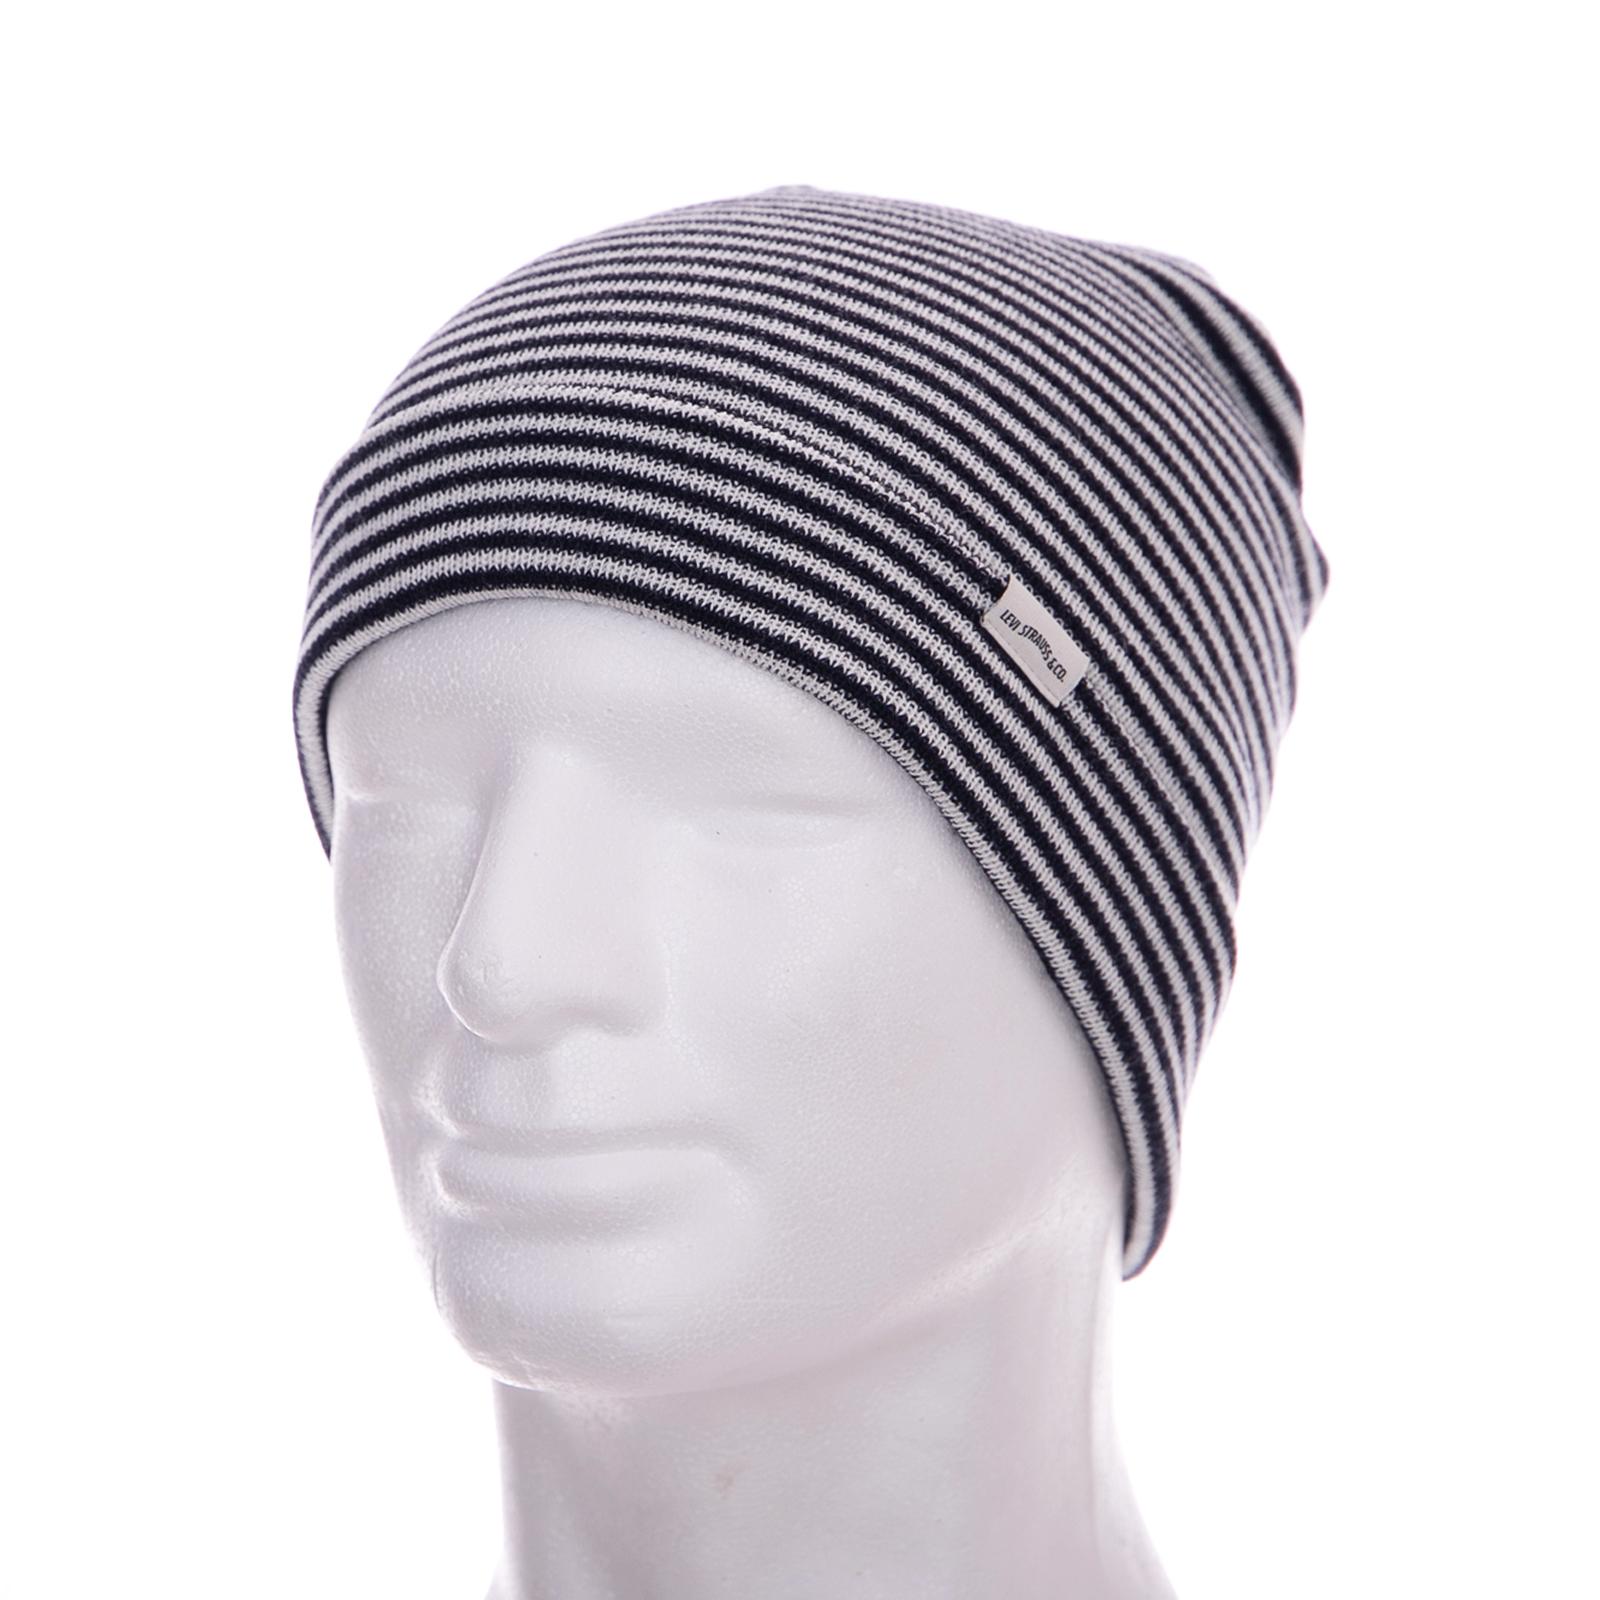 materiali di alta qualità pregevole fattura qualità affidabile Dettagli su Levis Cappelli Beanie Black/White Nero